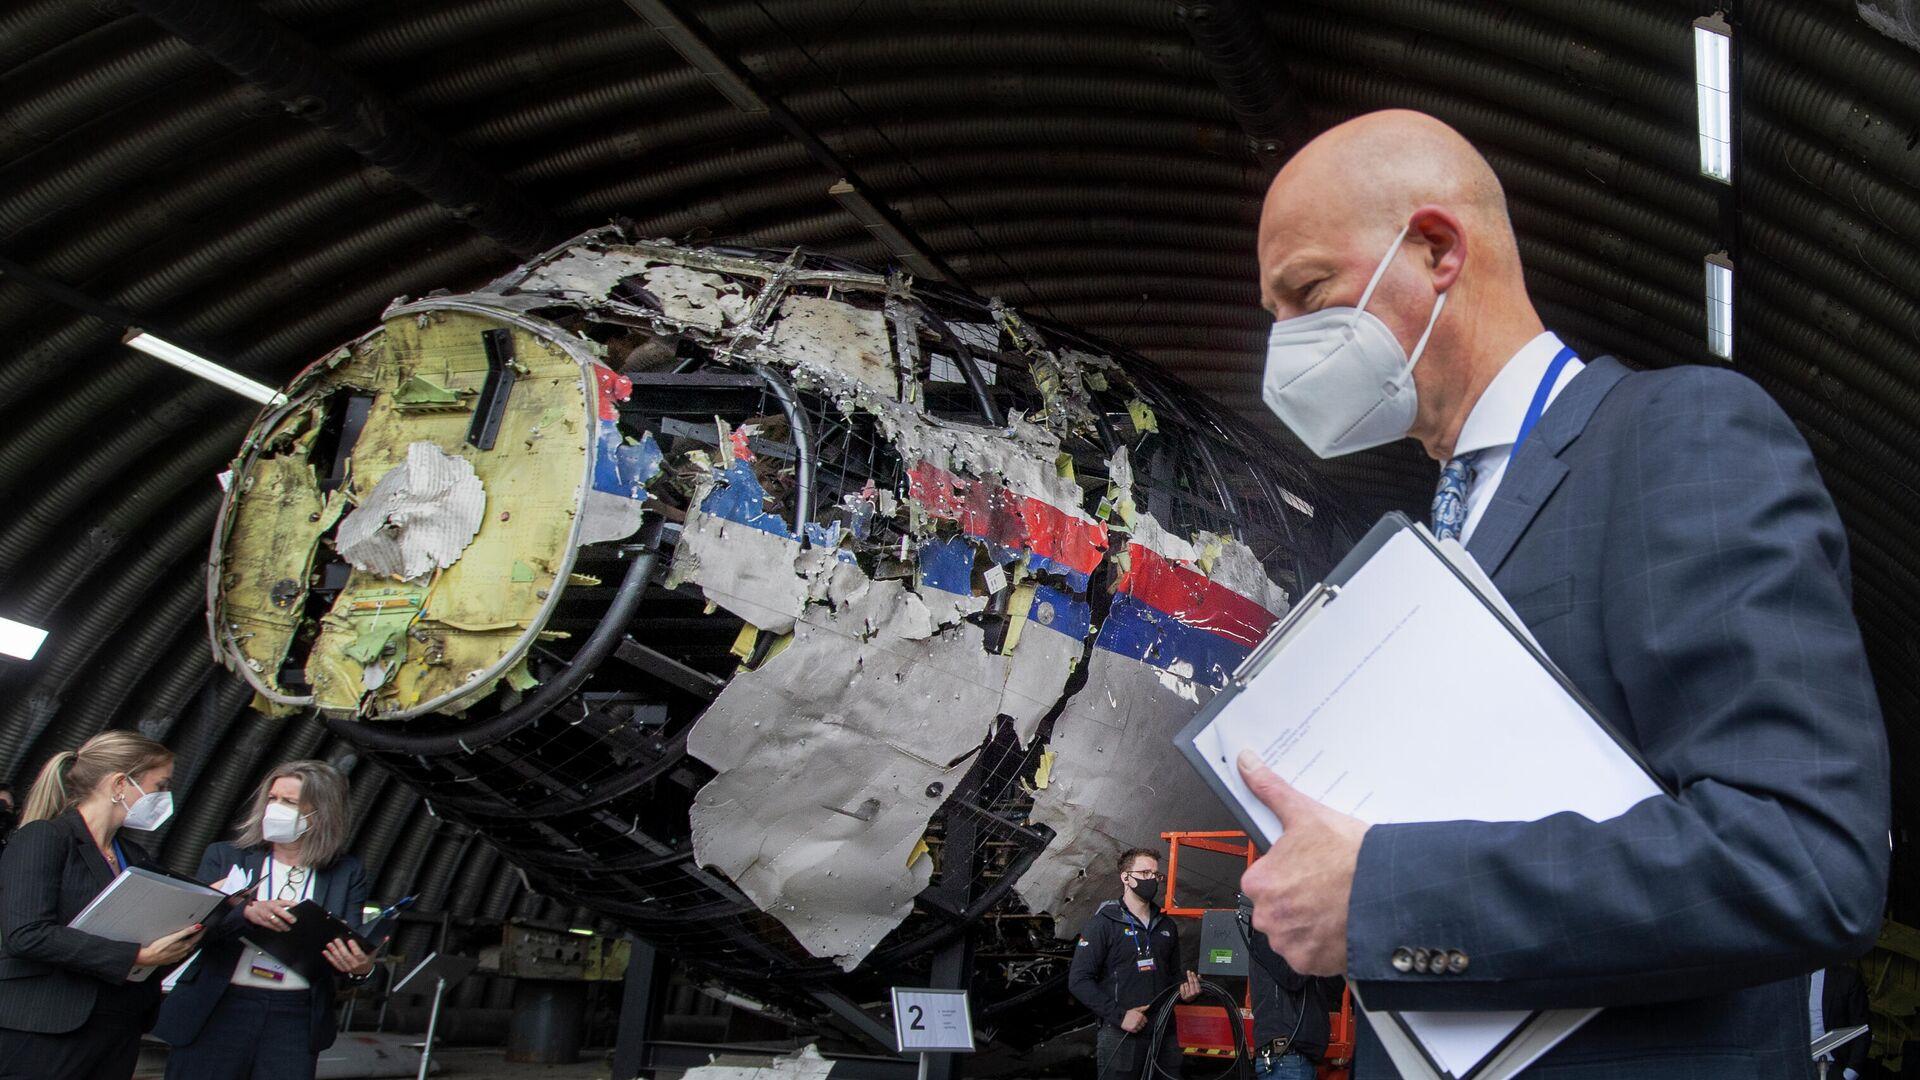 Председательствующий судья Хендрик Стинхейс осматривает обломки рейса MH17 авиакомпании Malaysia Airlines на авиабазе Гильзе-Рейен, Нидерланды - РИА Новости, 1920, 09.06.2021